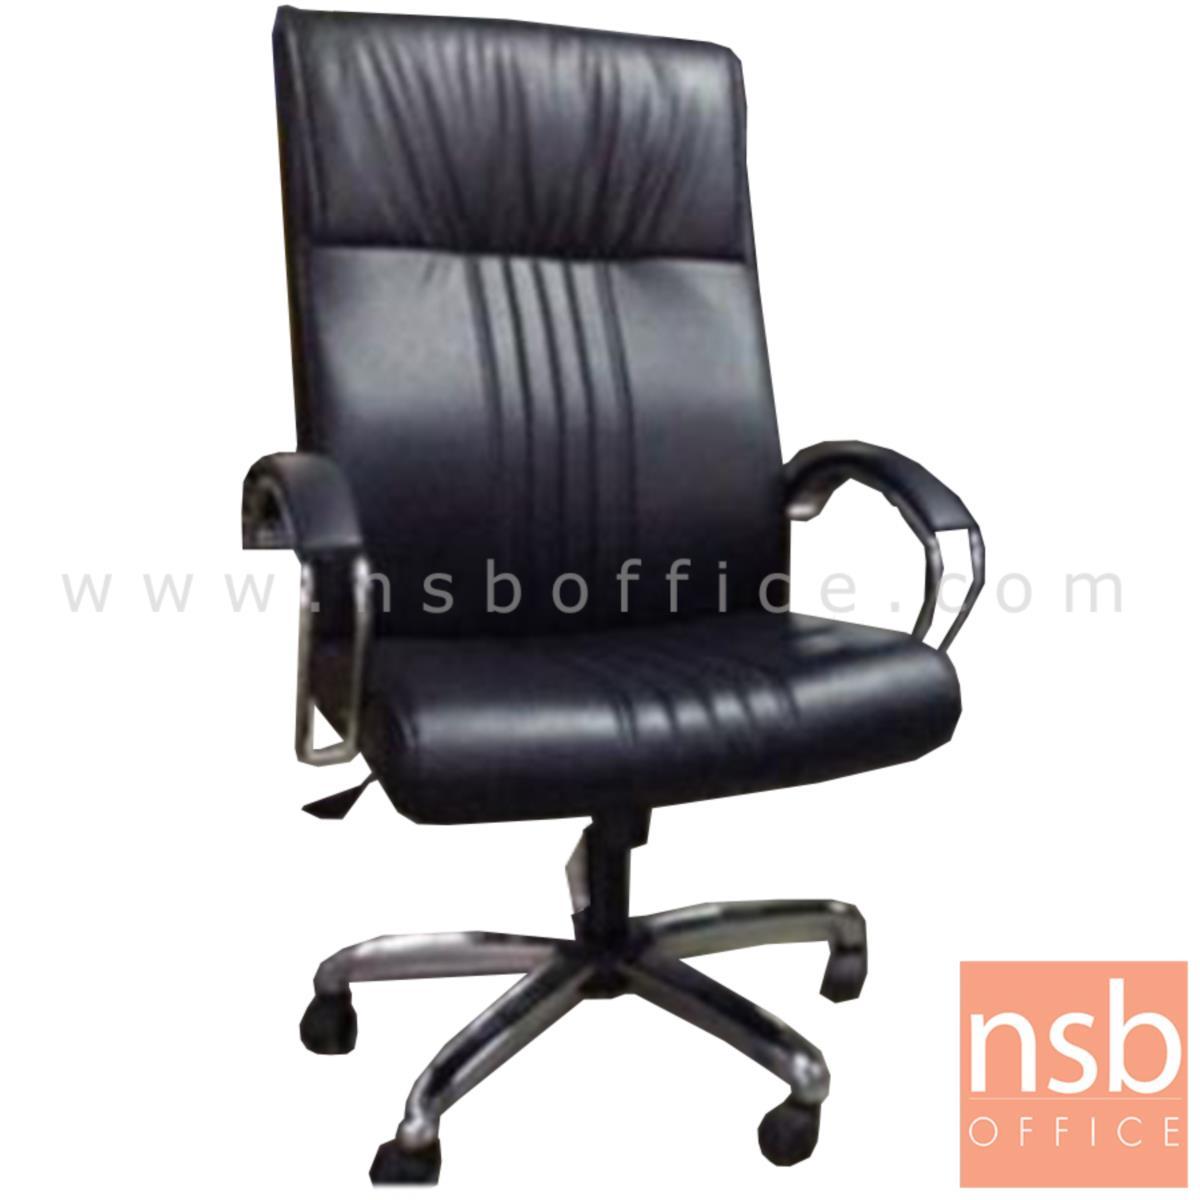 B01A343:เก้าอี้ผู้บริหาร รุ่น Horace (ฮอเรซ)  โช๊คแก๊ส มีก้อนโยก ขาเหล็กชุบโครเมี่ยม